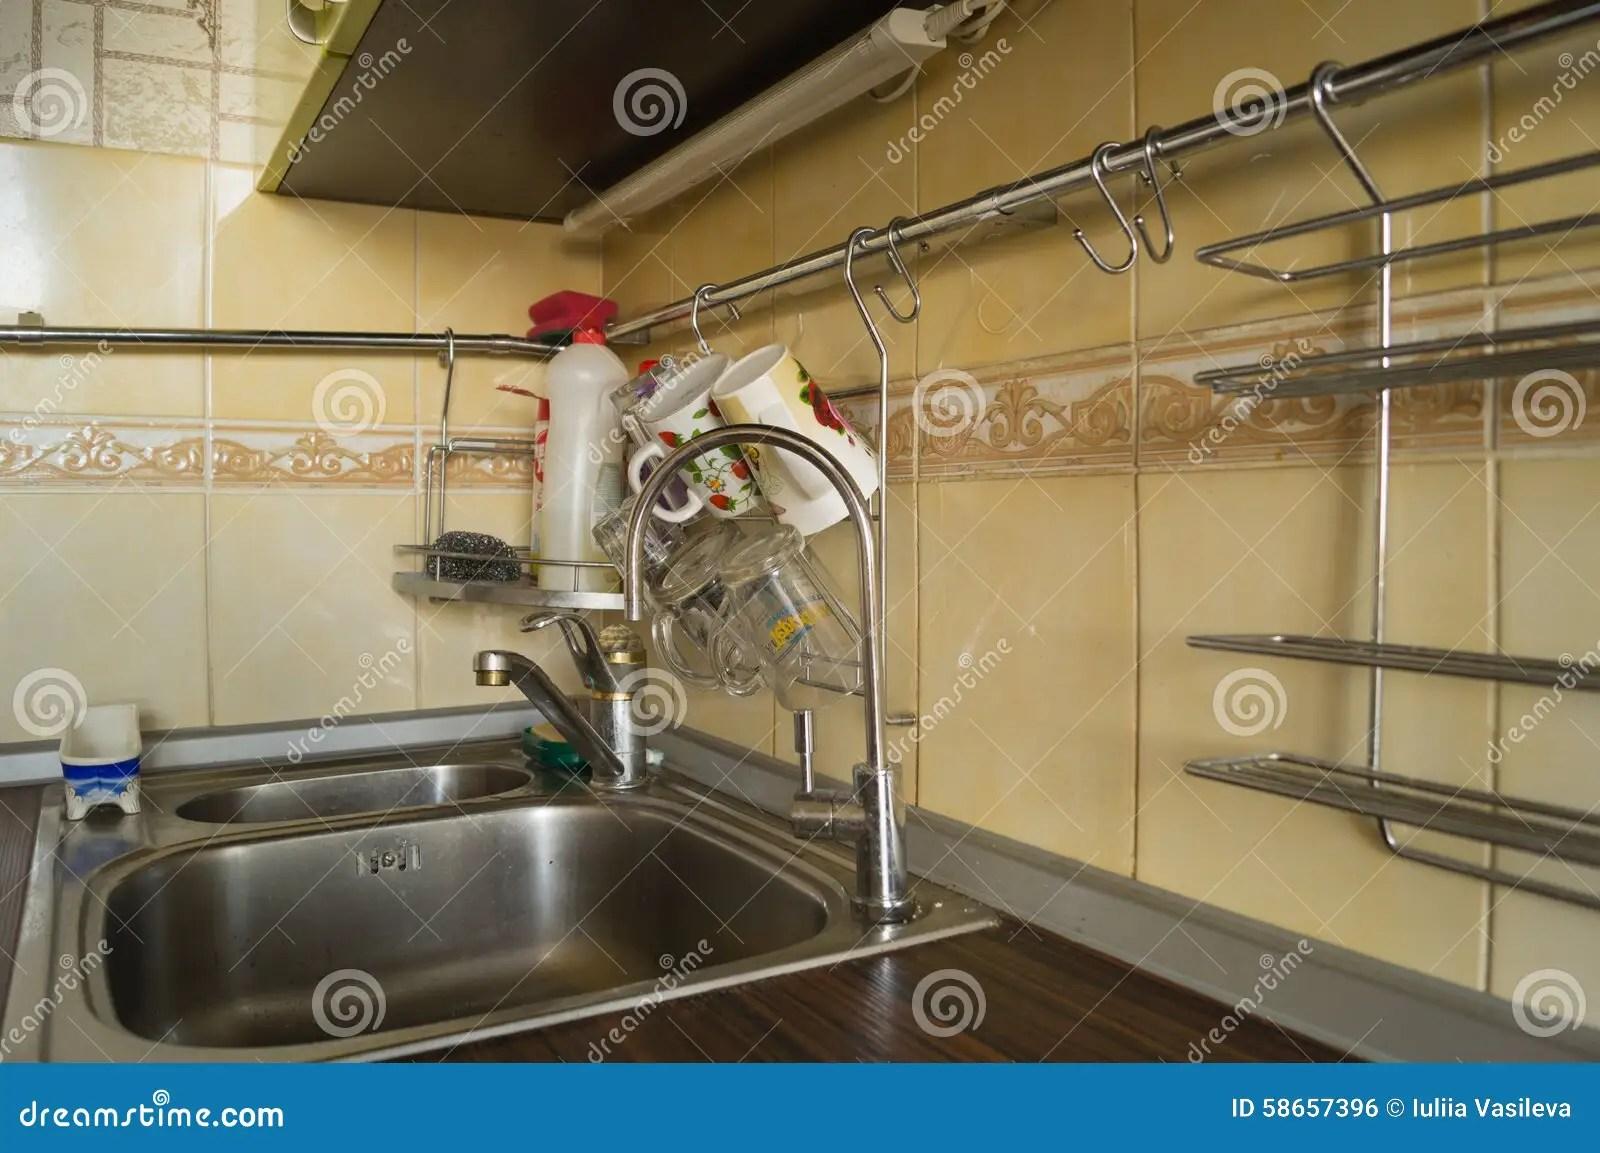 kitchen sink strainers wholesale cabinets 厨房水槽过滤器库存照片 图片包括有起重机 家具 补白 海绵 厨房 瓦 厨房水槽过滤器